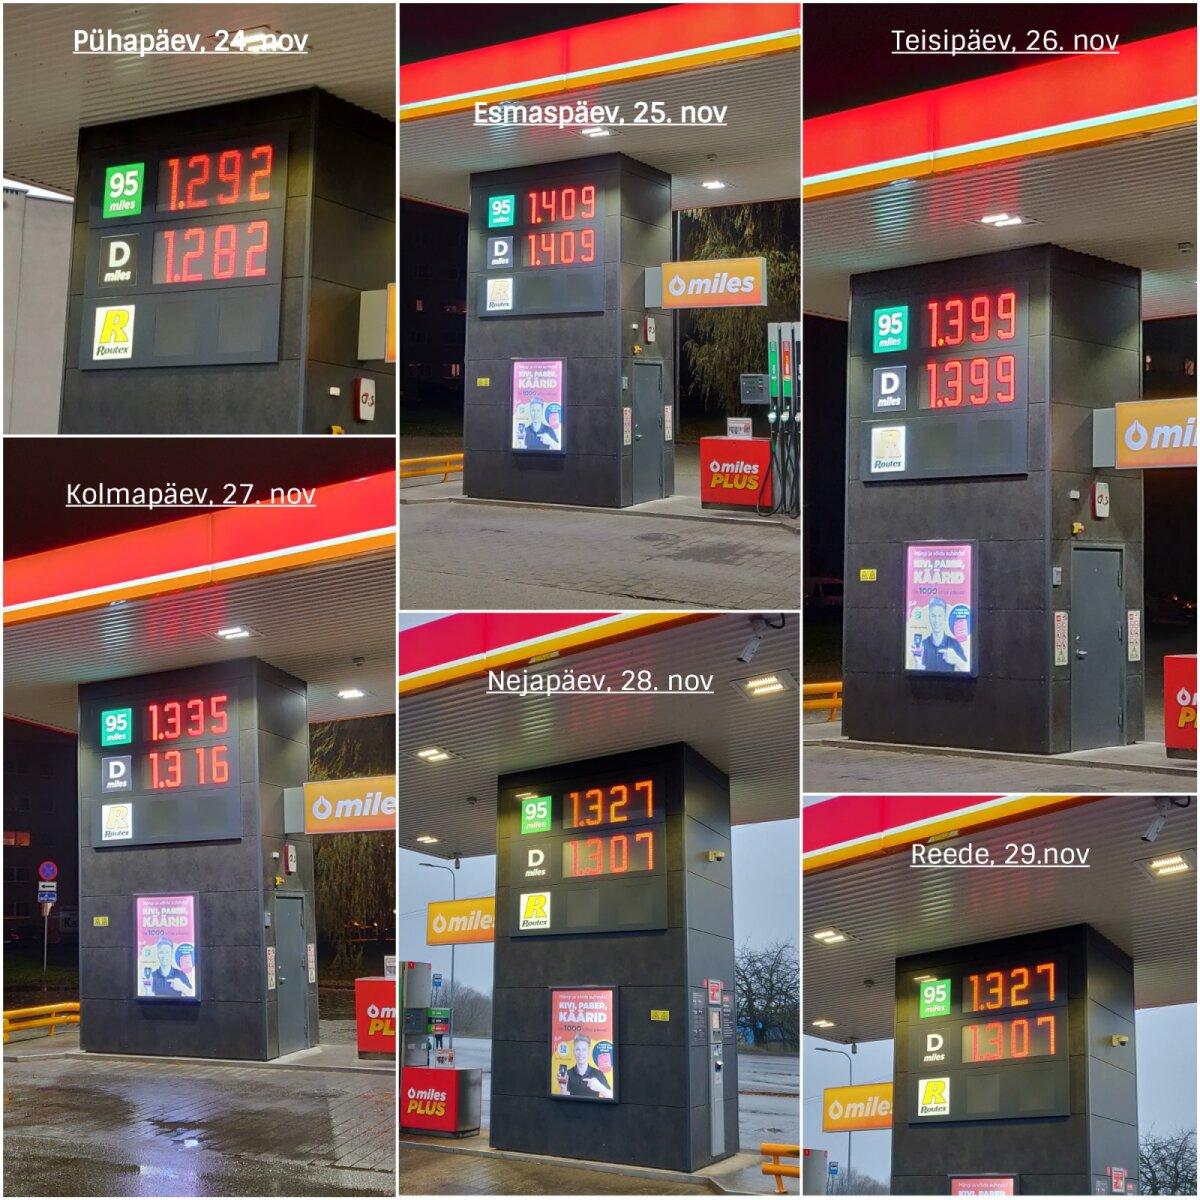 Kütuse hinnad Tallinnas Tööstuse tänaval 24.-29. november